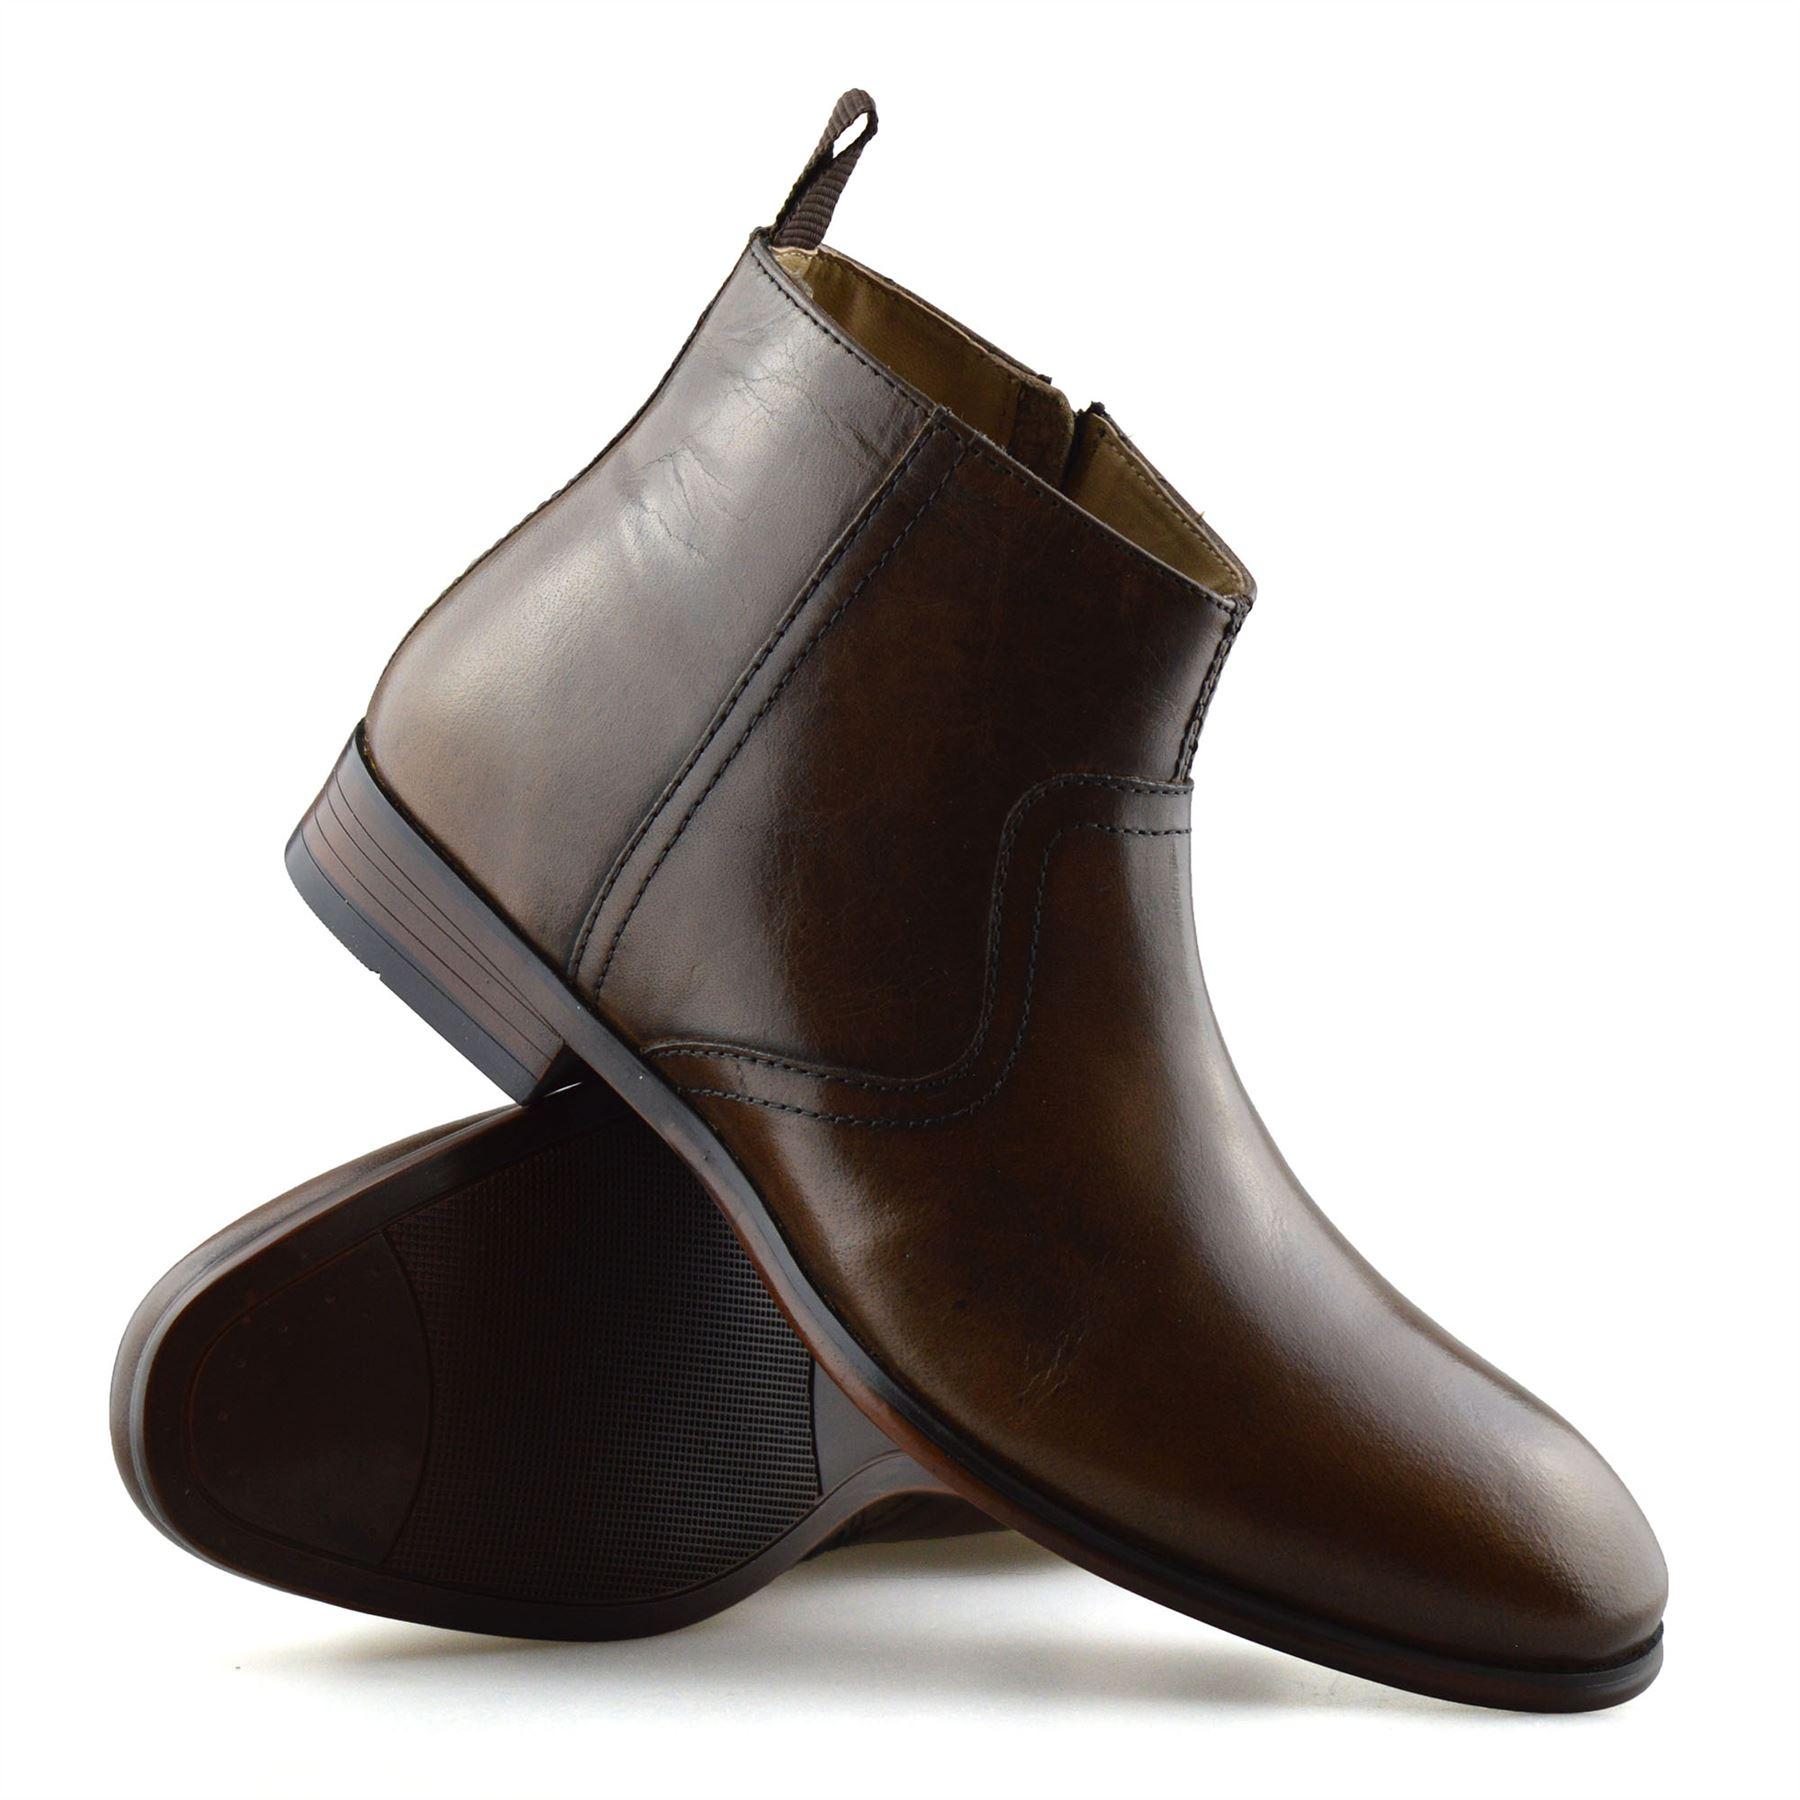 Hombre-Nuevo-Cuero-Cremallera-Formal-Smart-Trabajo-Distribuidor-Chelsea-Botas-al-Tobillo-Zapatos miniatura 27